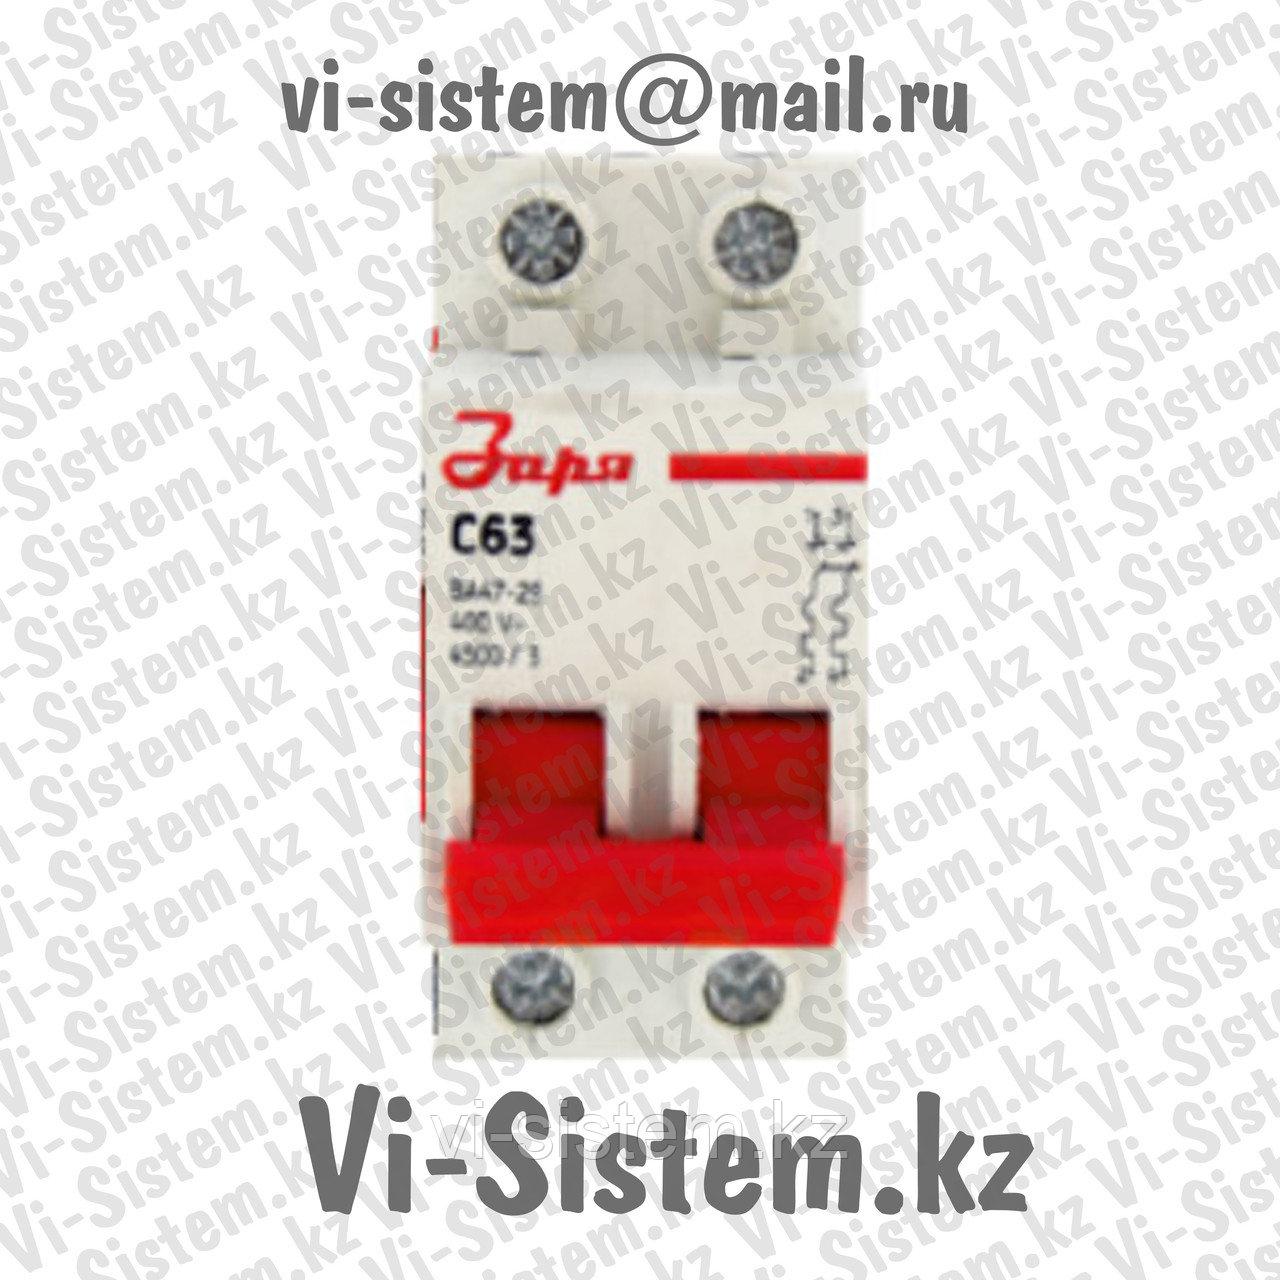 Автоматический выключатель Заря C63 2P-63A